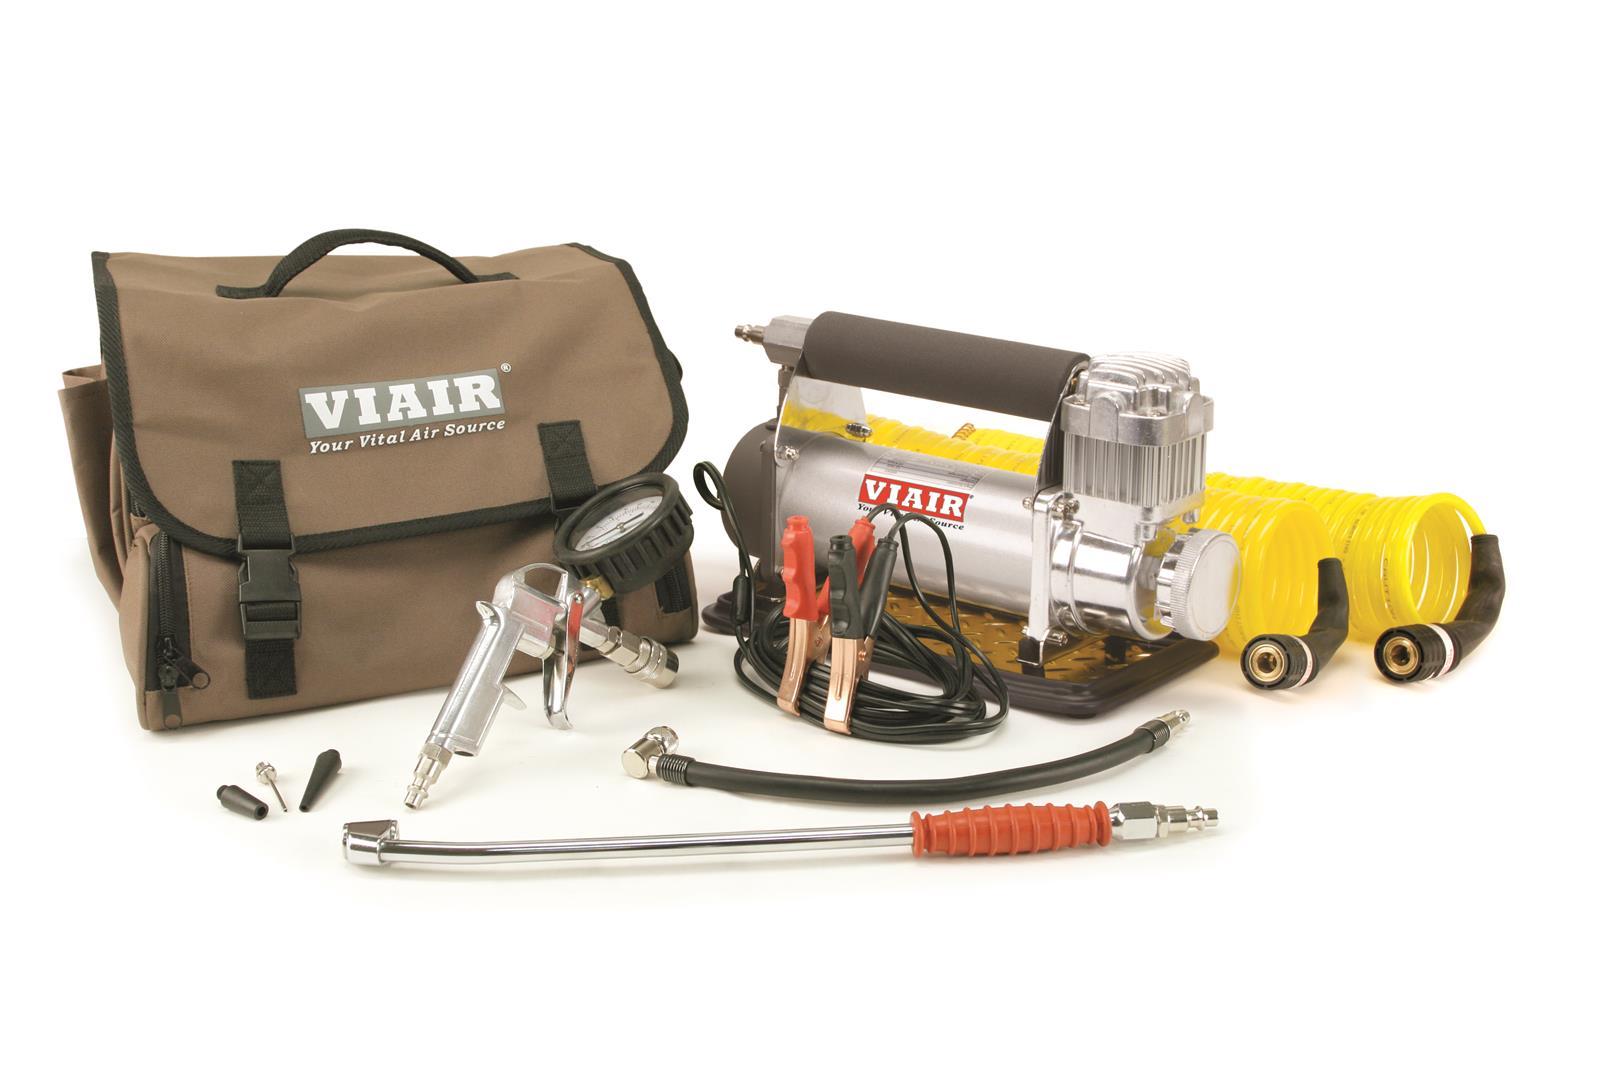 VIAIR 88 Portable Air Compressor 88P